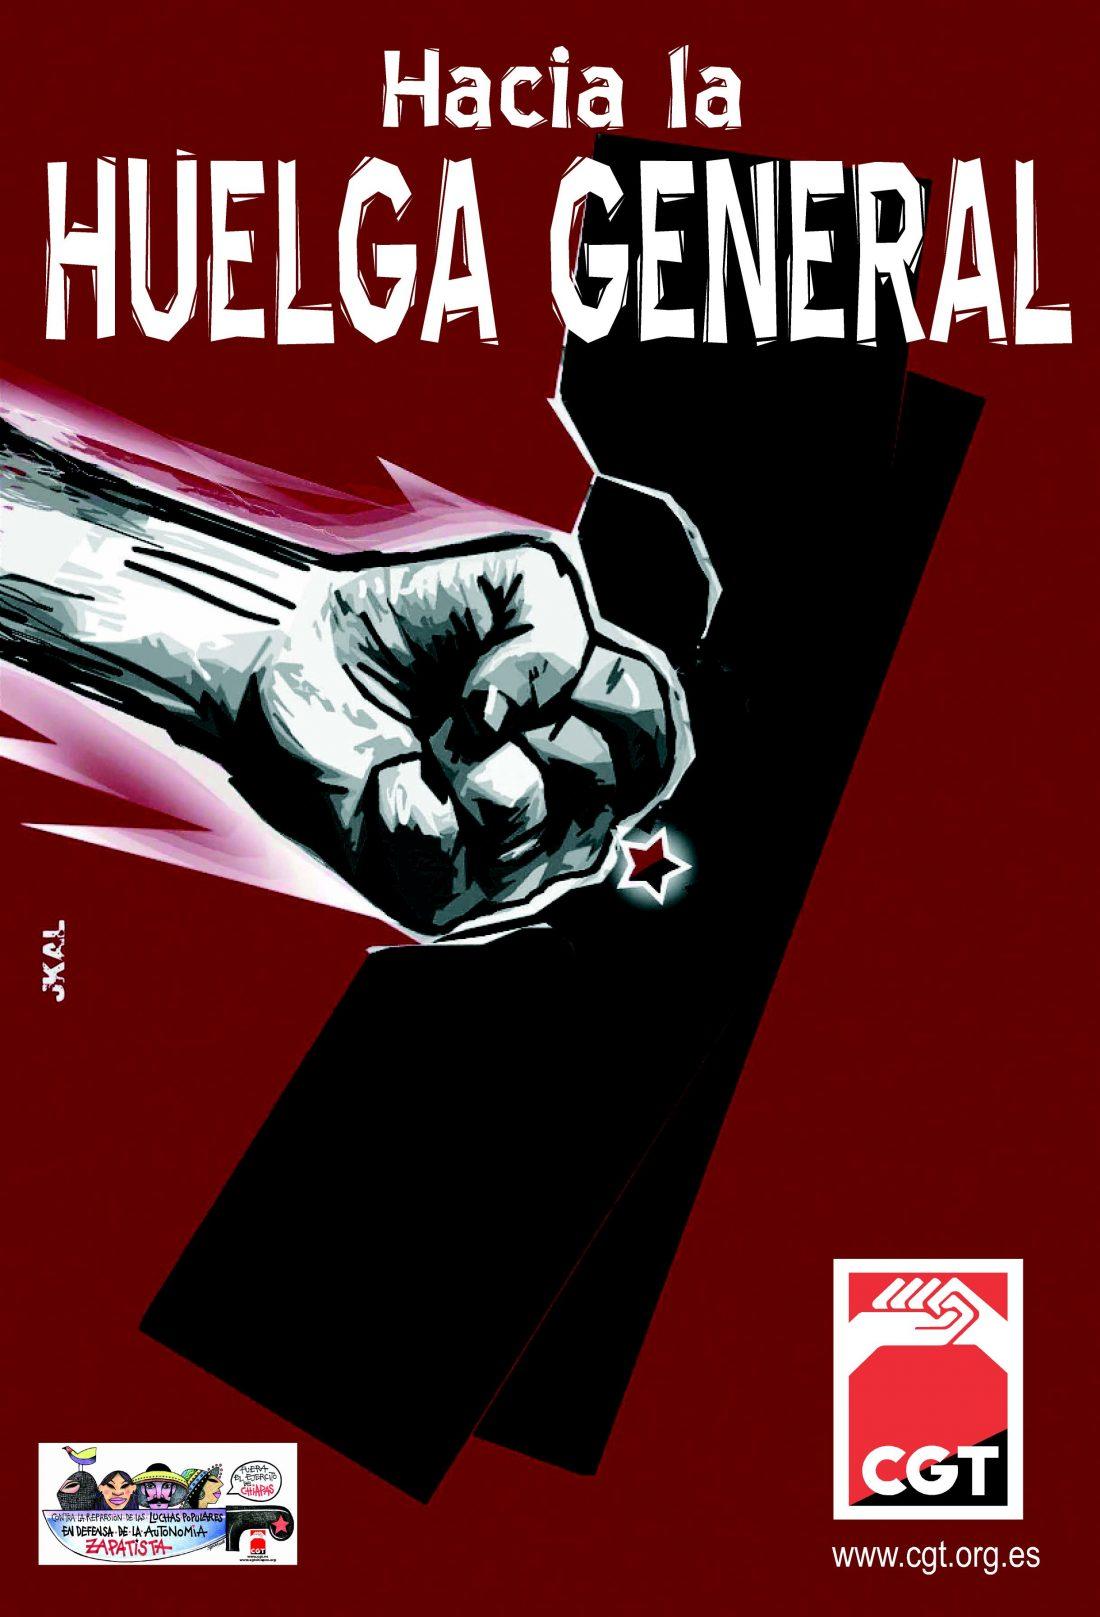 ¡En CGT la lucha continúa! ¡Hacia la huelga general!